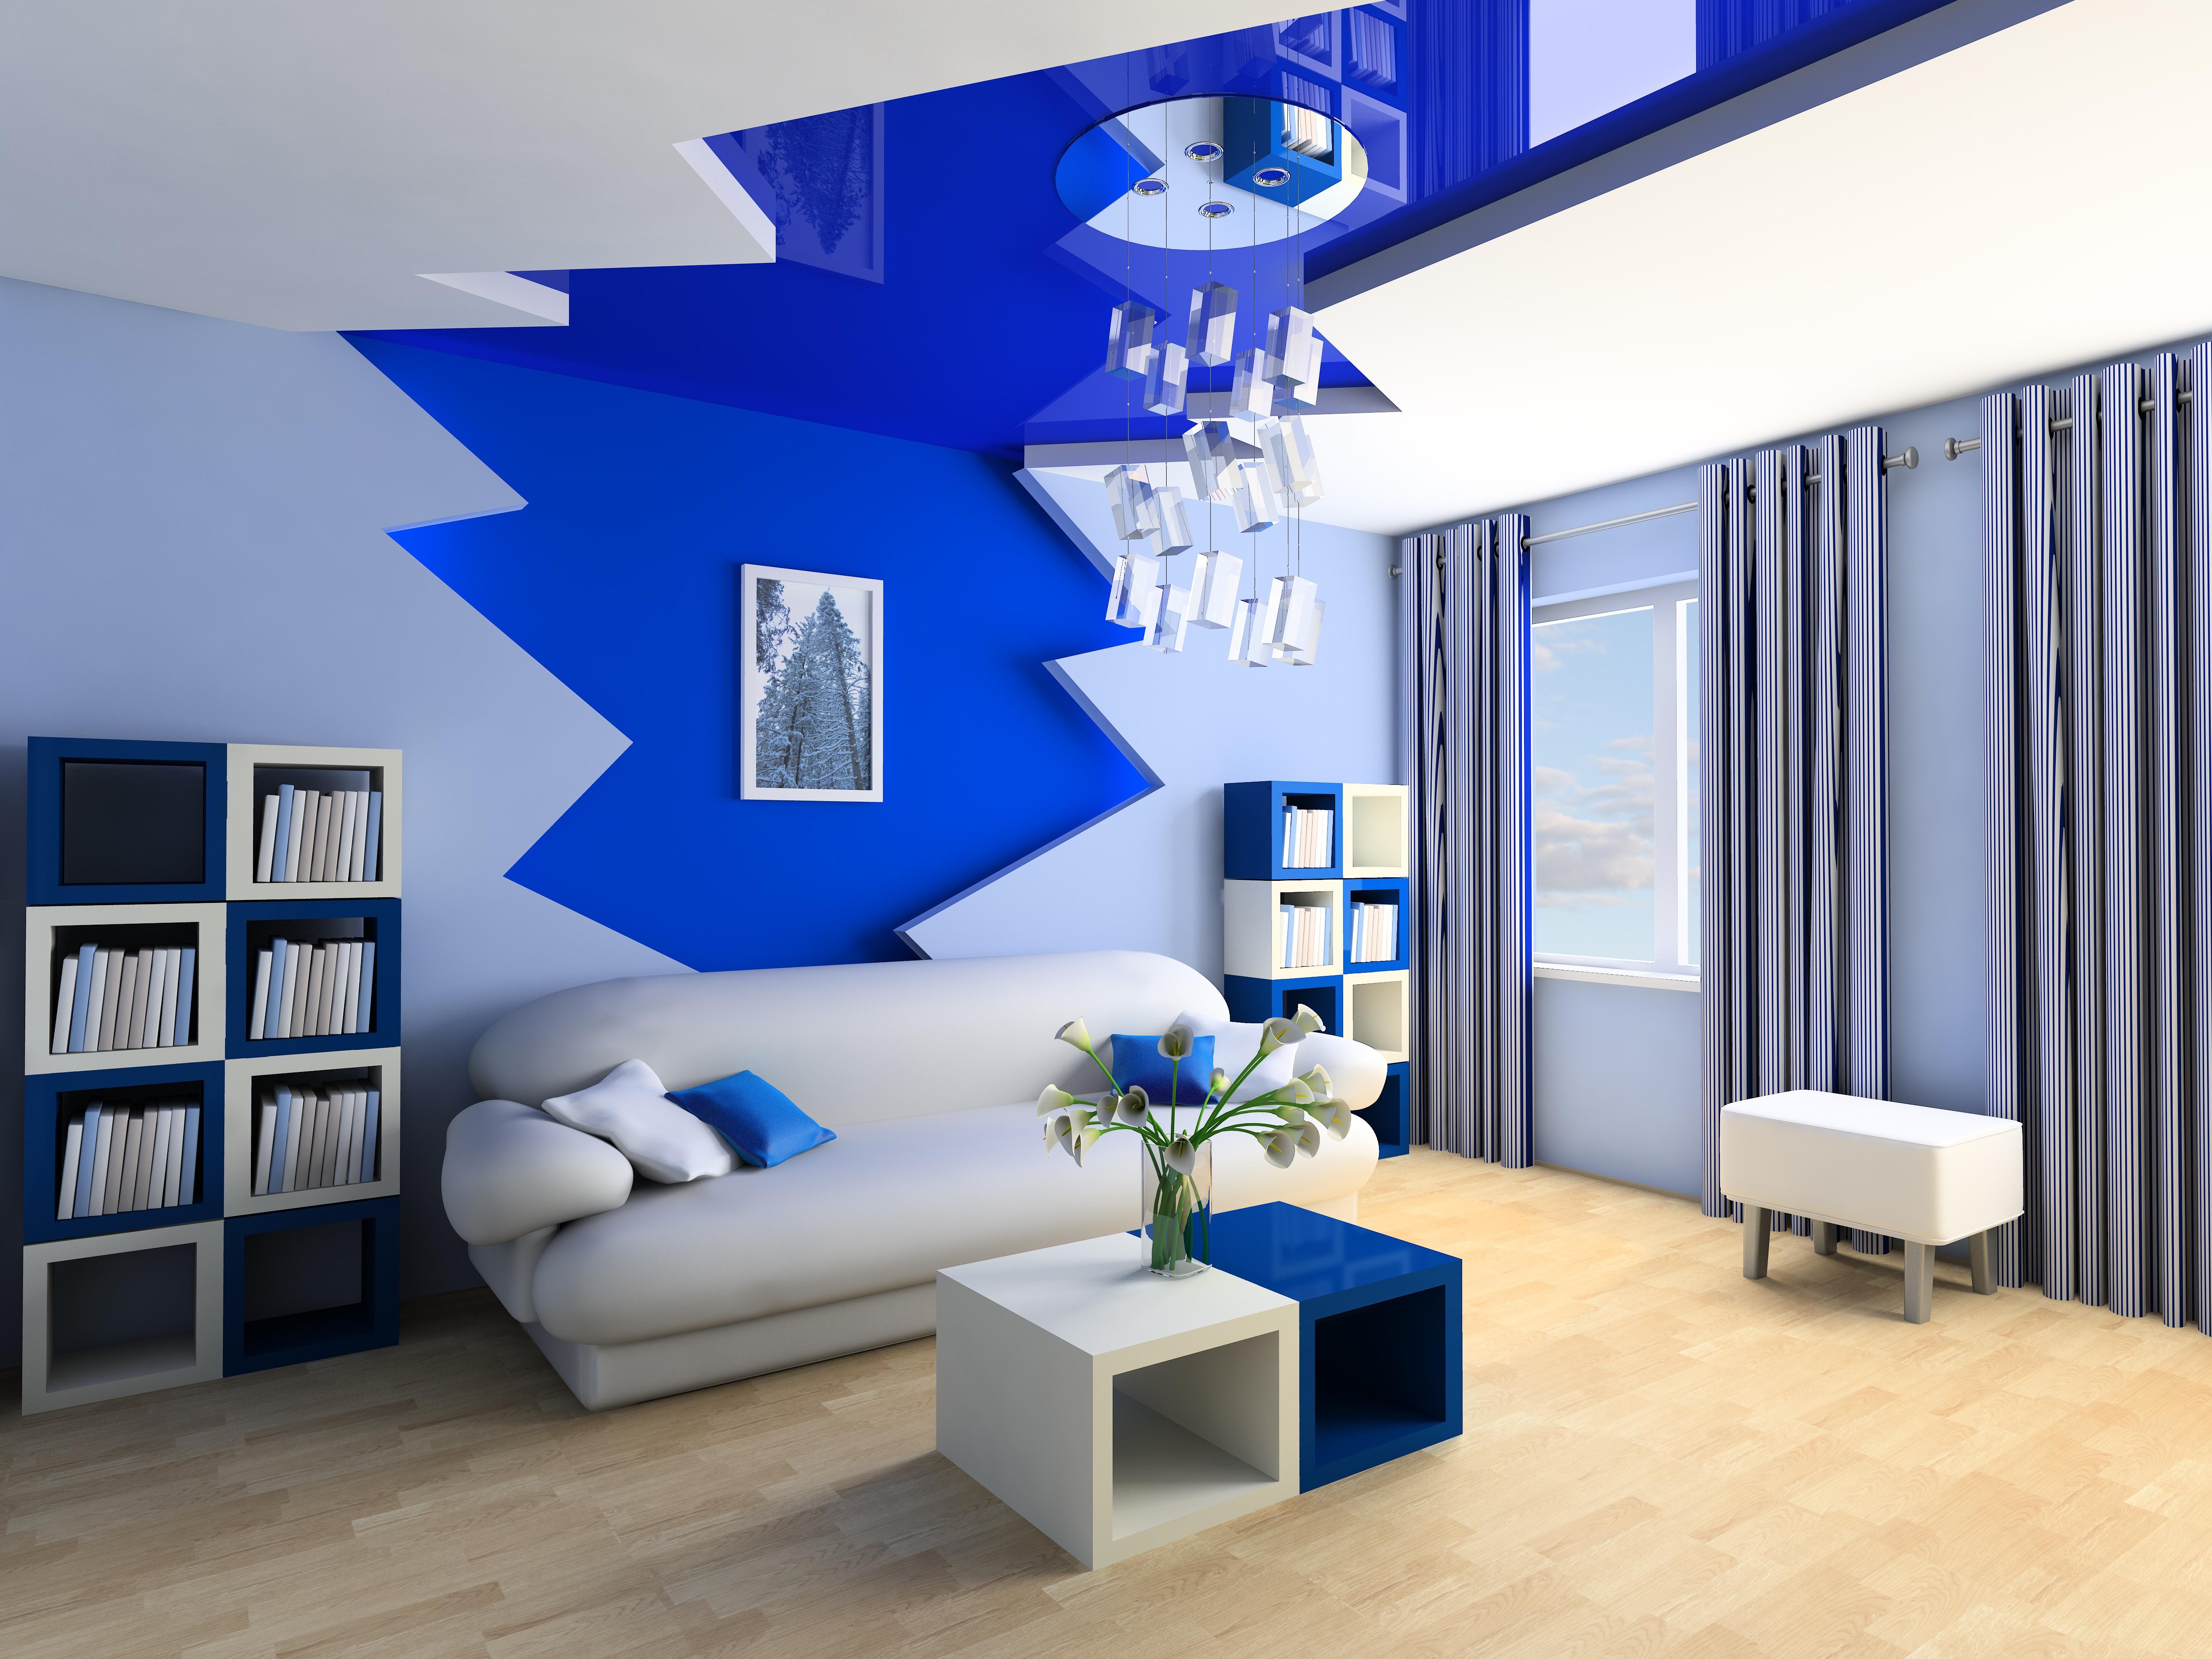 interior design digital interior 3d design blue